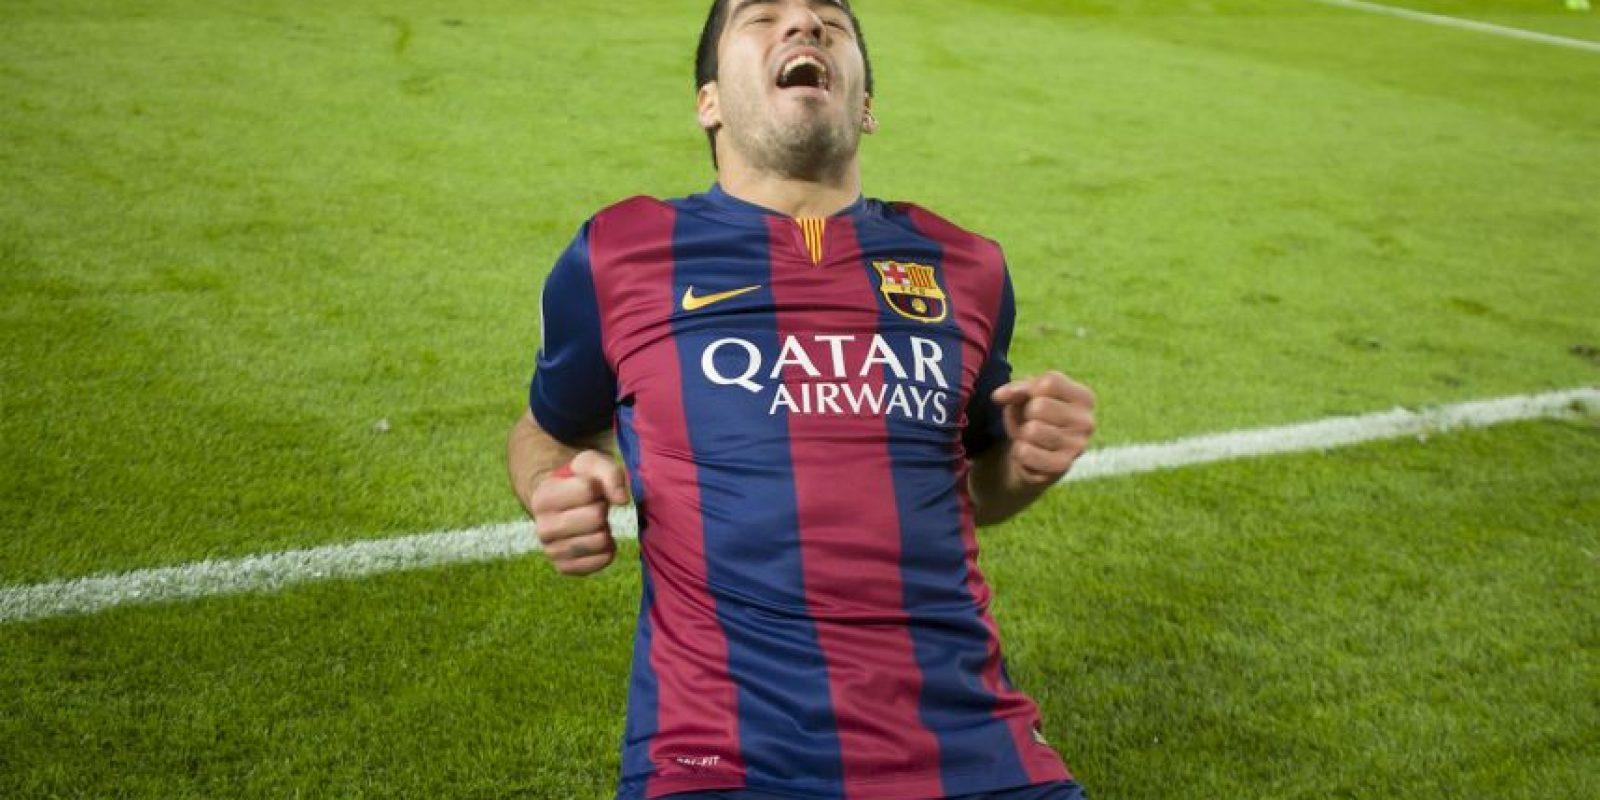 Fue la tercera anotación en el triunfo 3-1 del Barça sobre el PSG Foto:Ramón Mompió